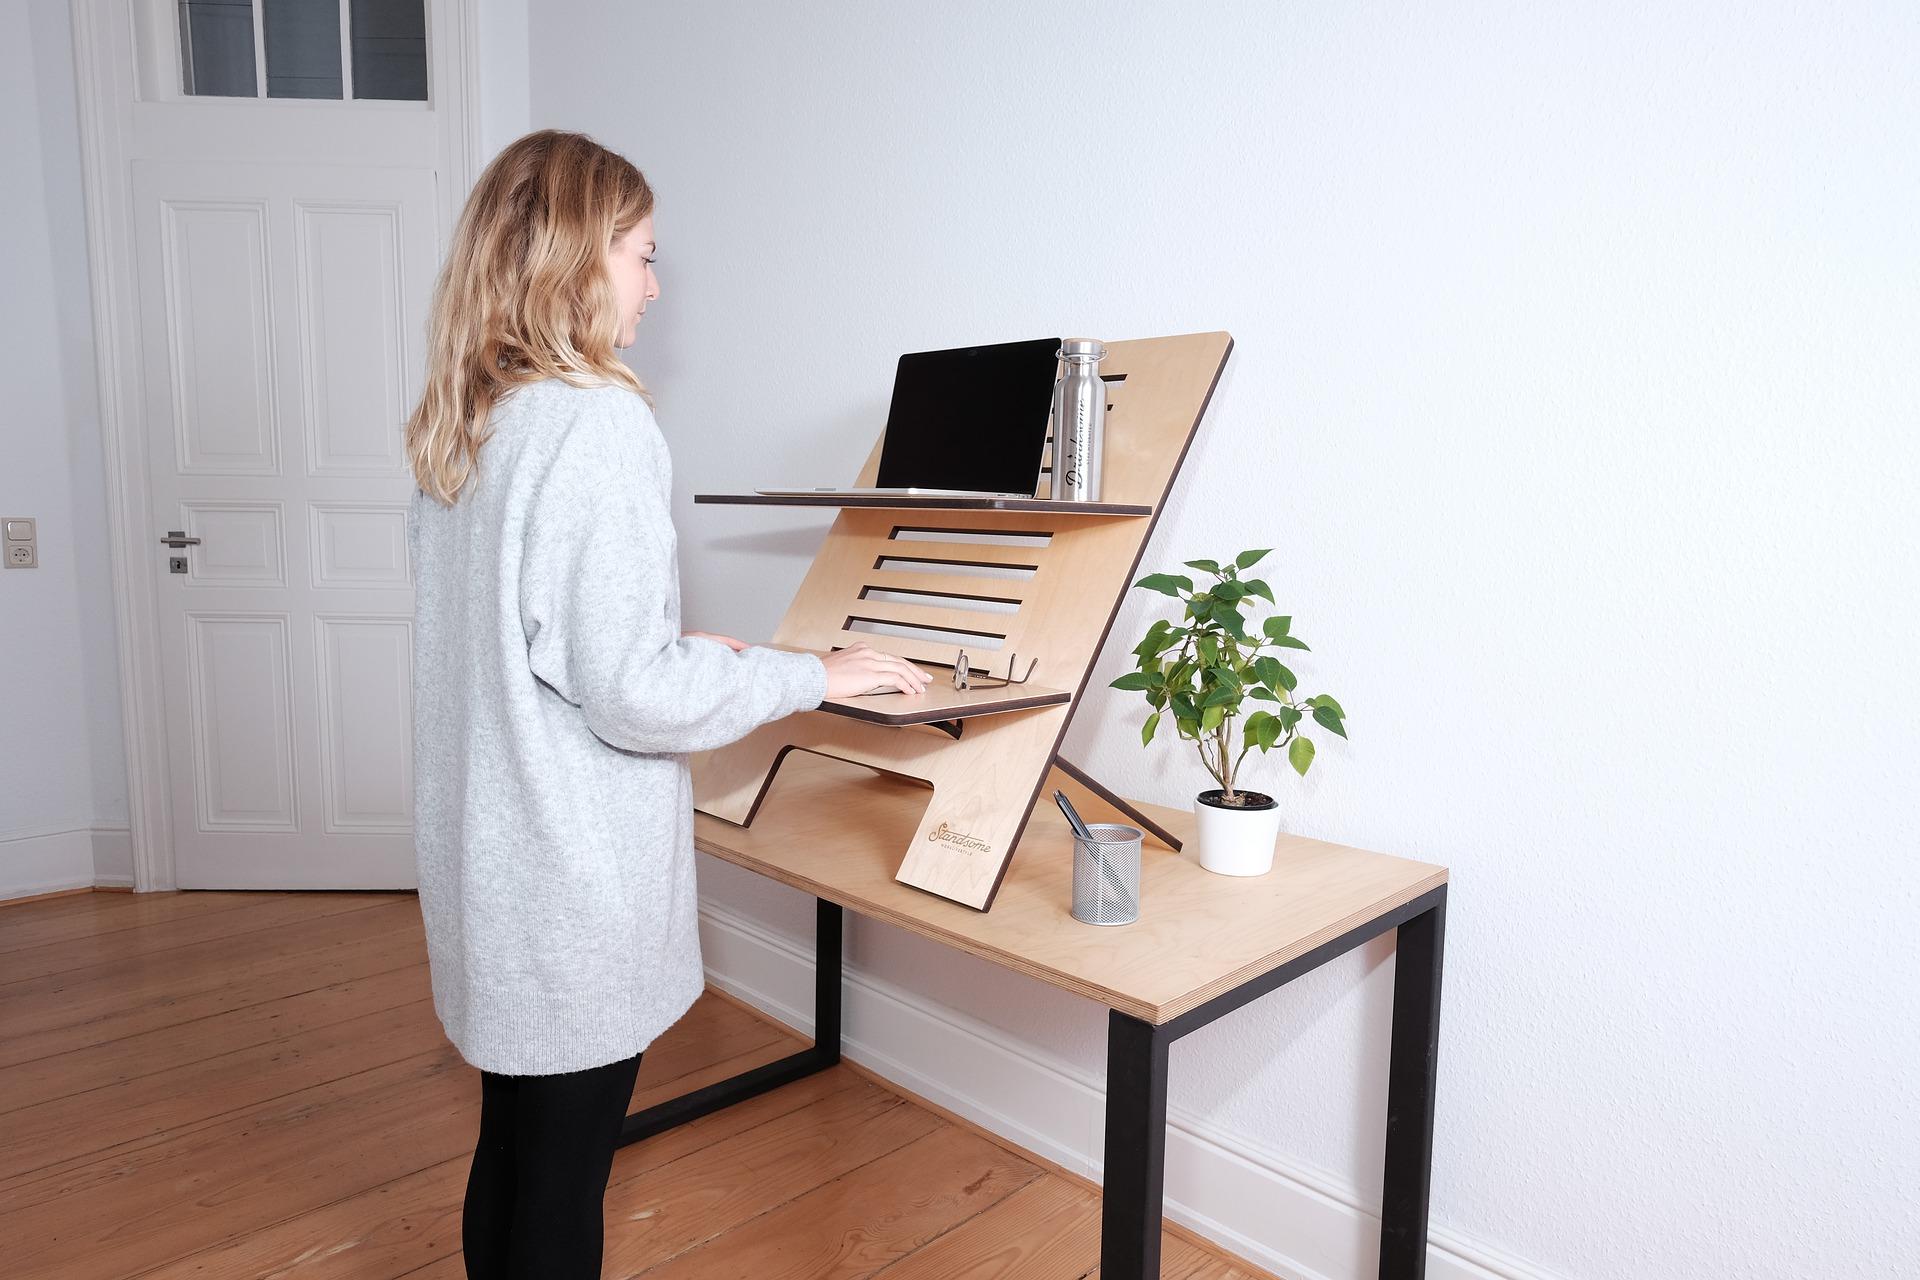 verminder klachten door een goede ergonomie van de werkplek en een optimale werkhouding